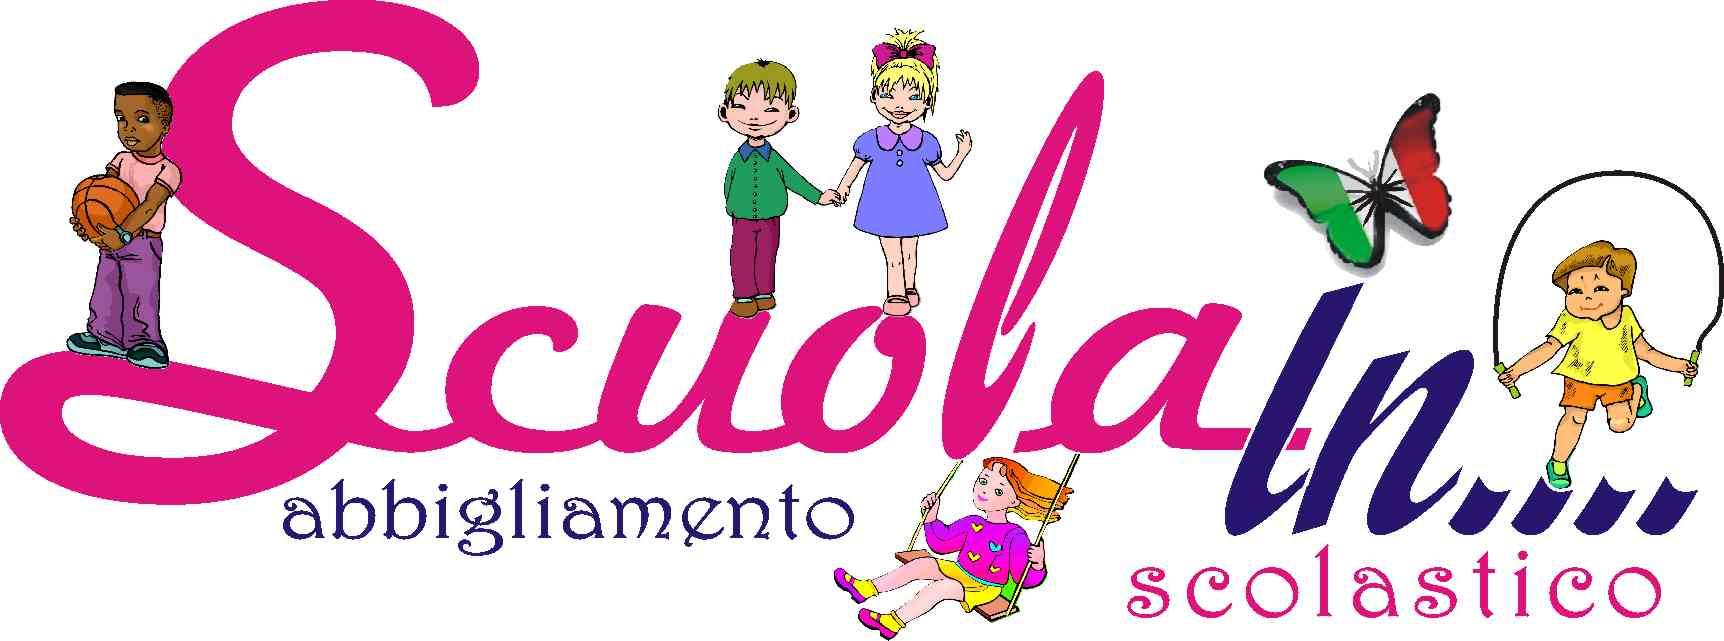 www.scuolainsrl.it